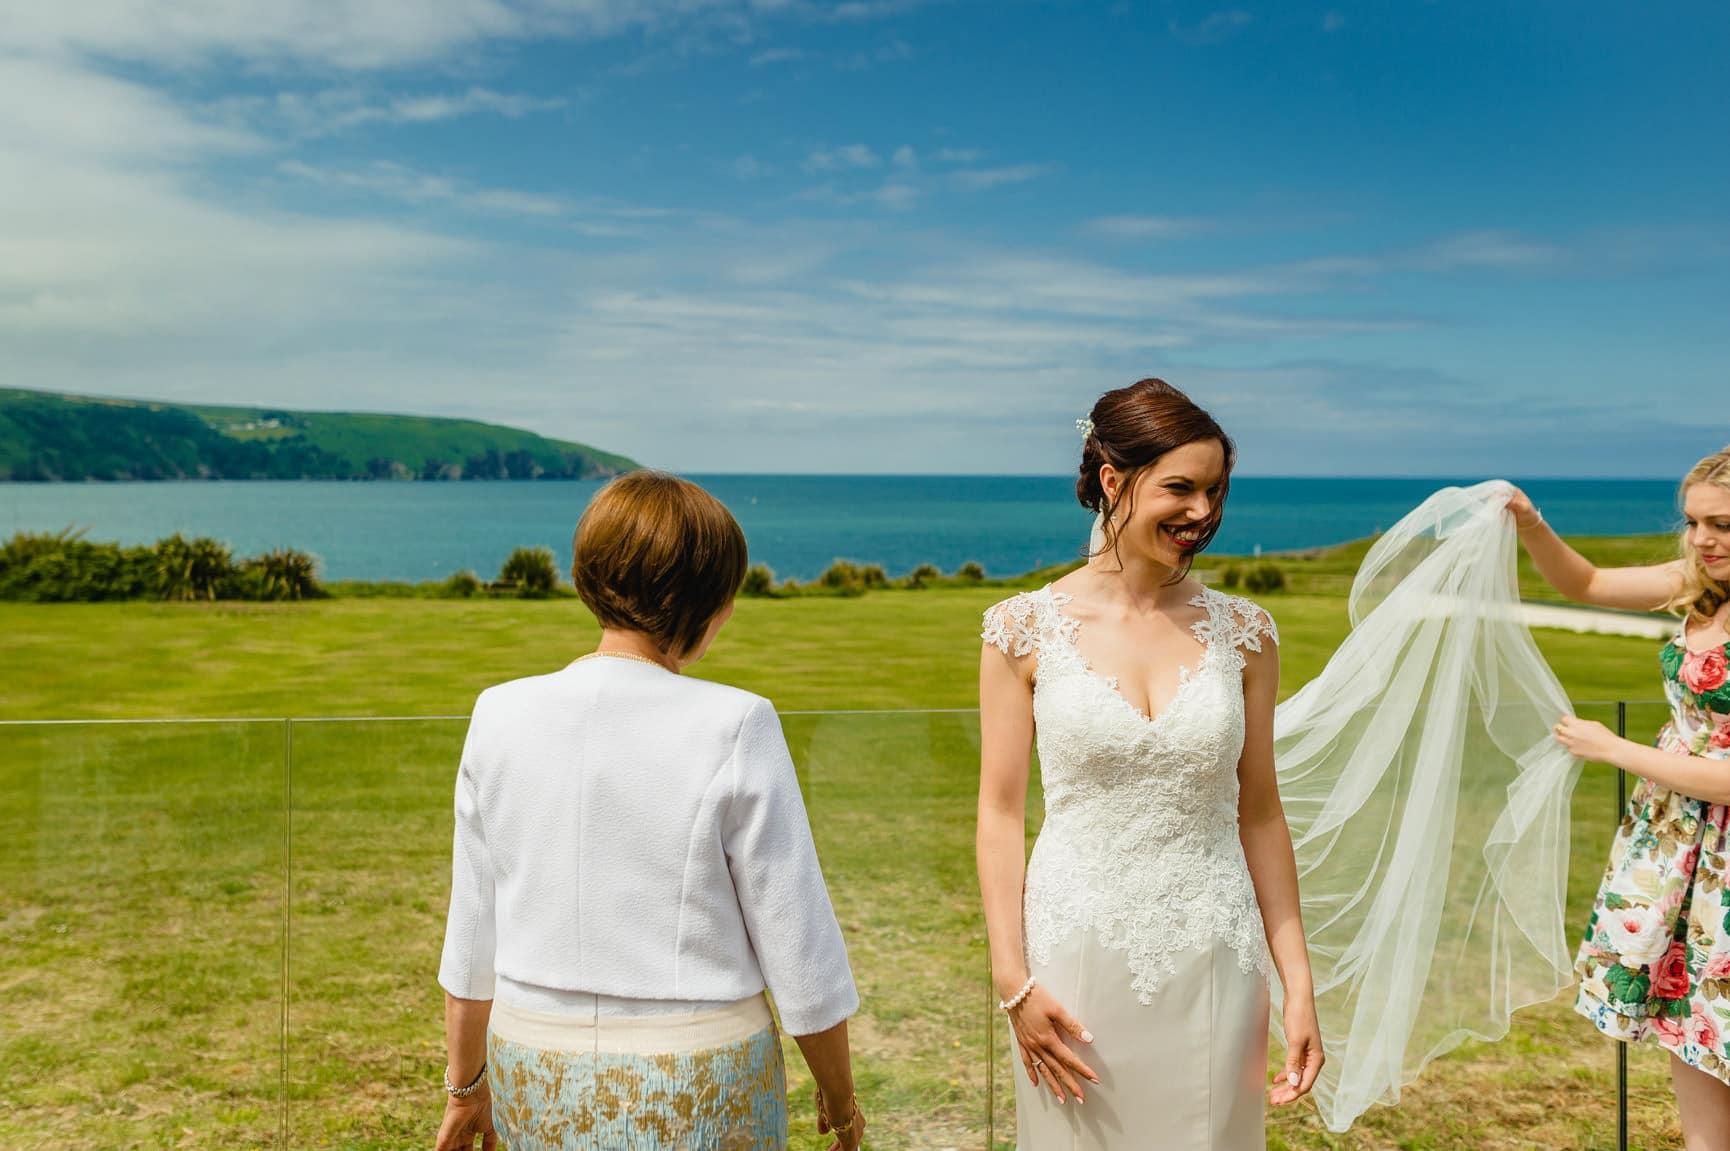 Fforest Wedding, Cardigan, Wales - Lauren and Gareth 40